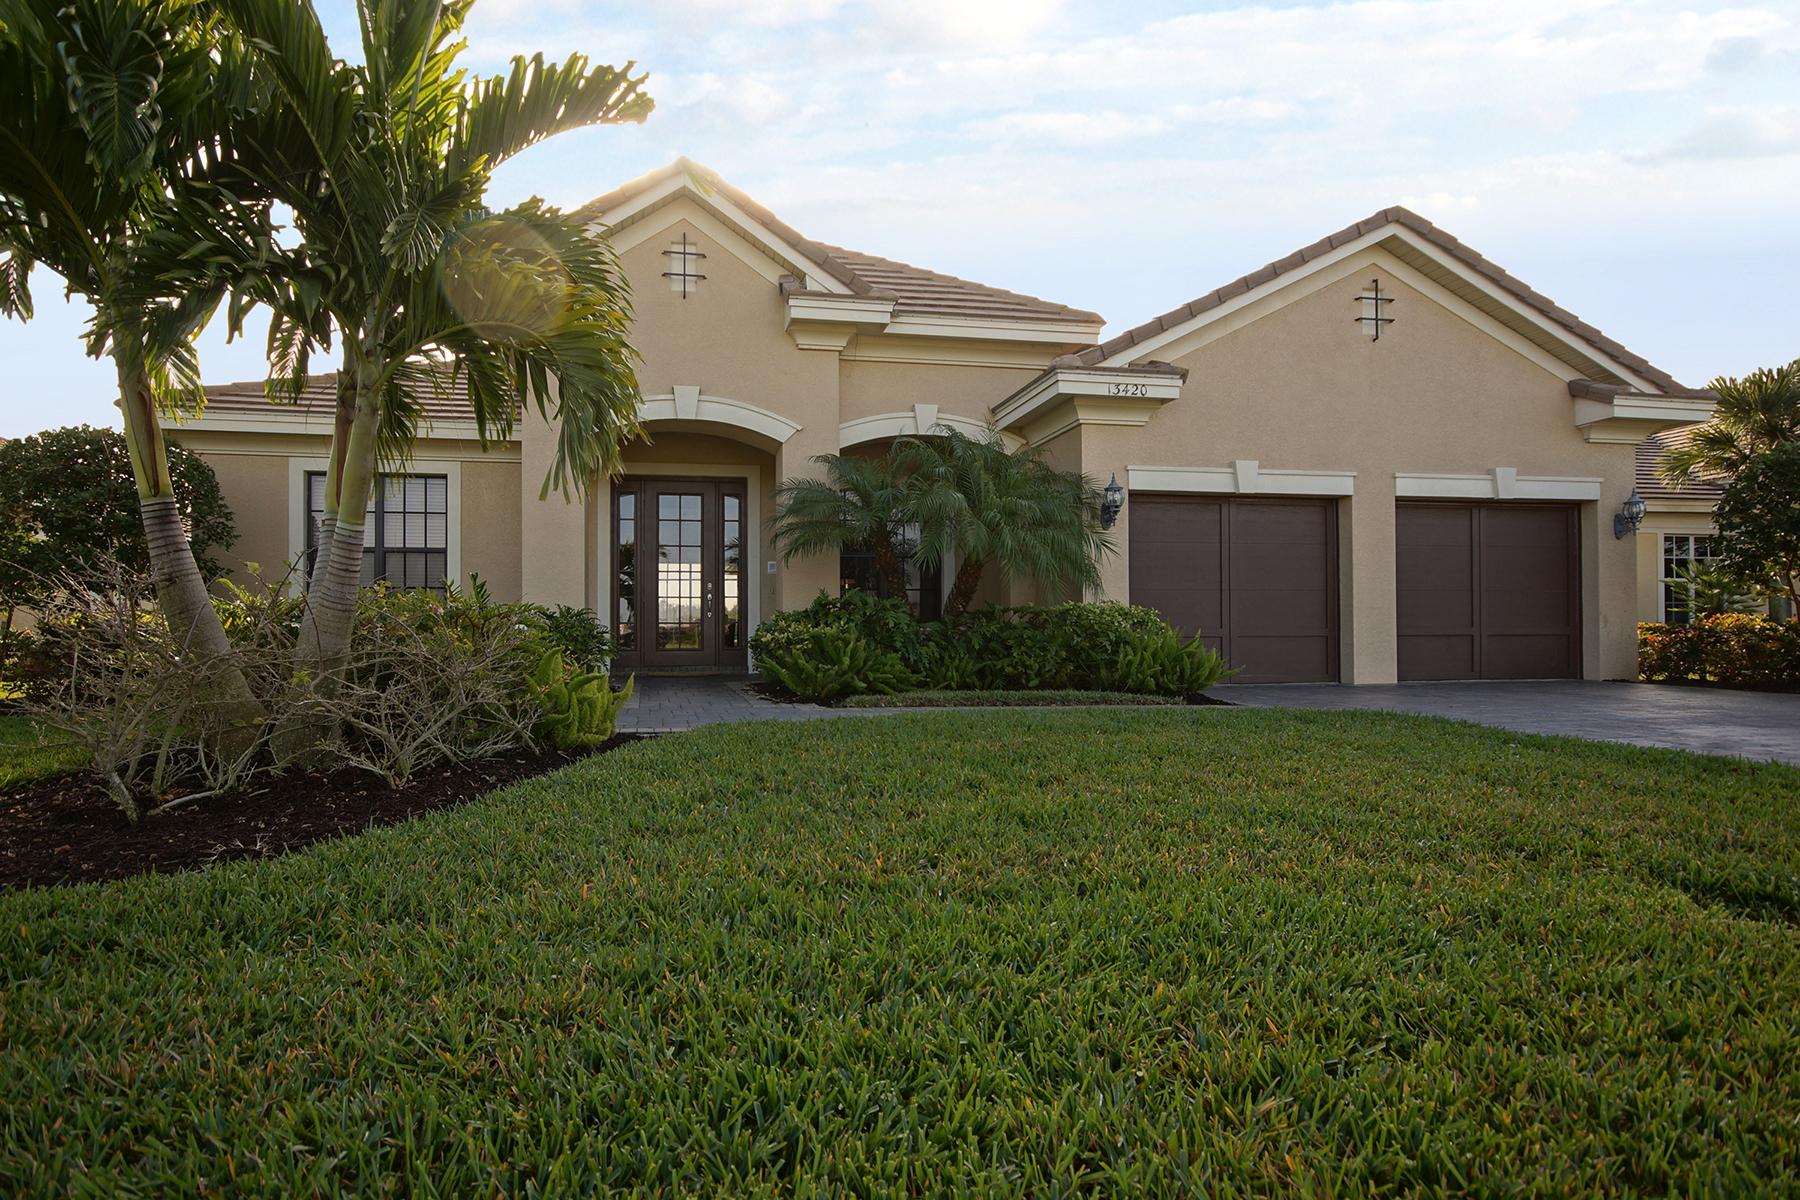 Casa para uma família para Venda às PALMETTO GROVE - VERANDAH 13420 Palmetto Grove Dr Fort Myers, Florida, 33905 Estados Unidos